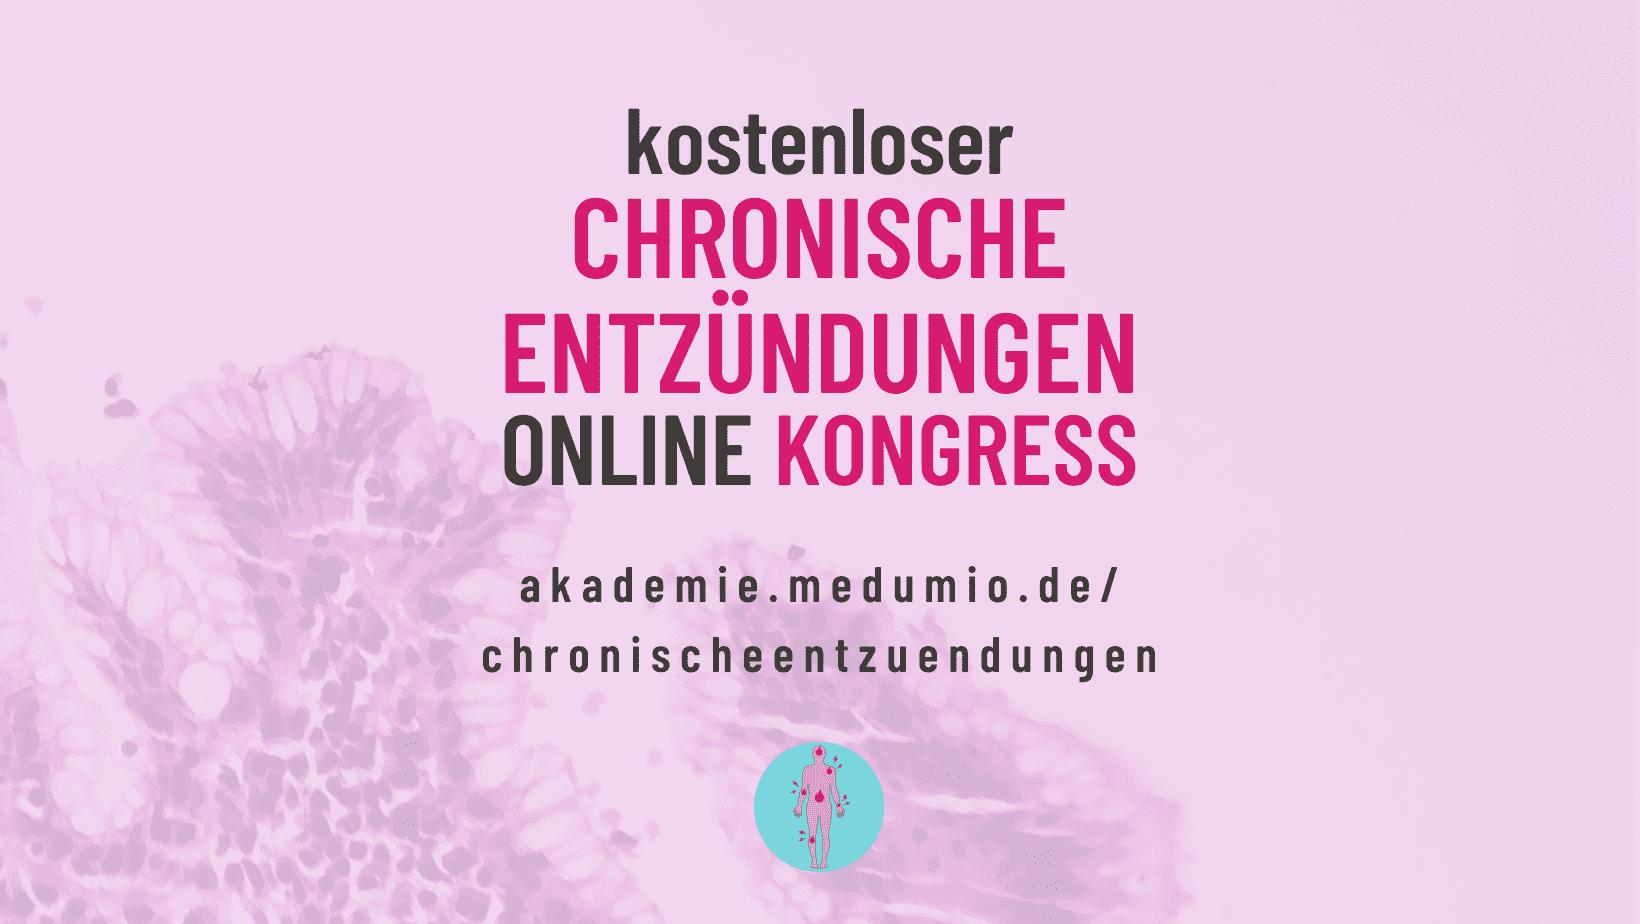 Chronische Entzündungen Online-Kongress 2021